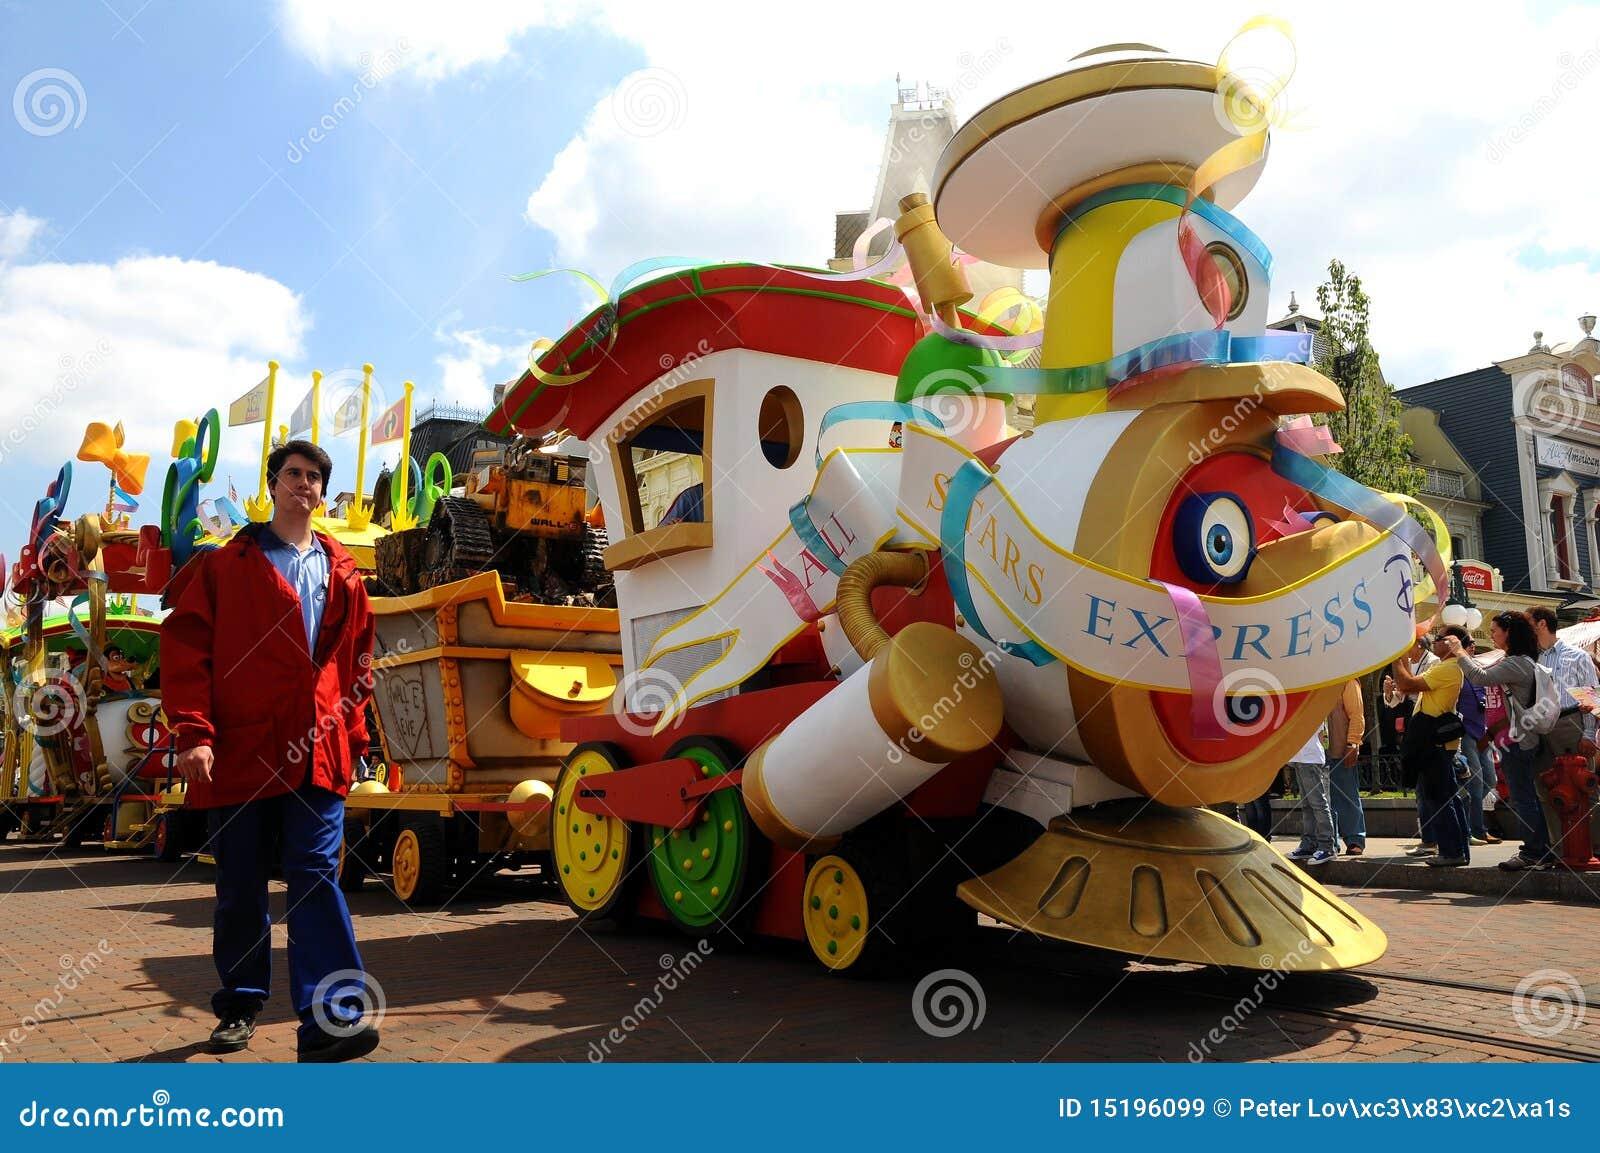 Disneyland Resort Express Travel Time